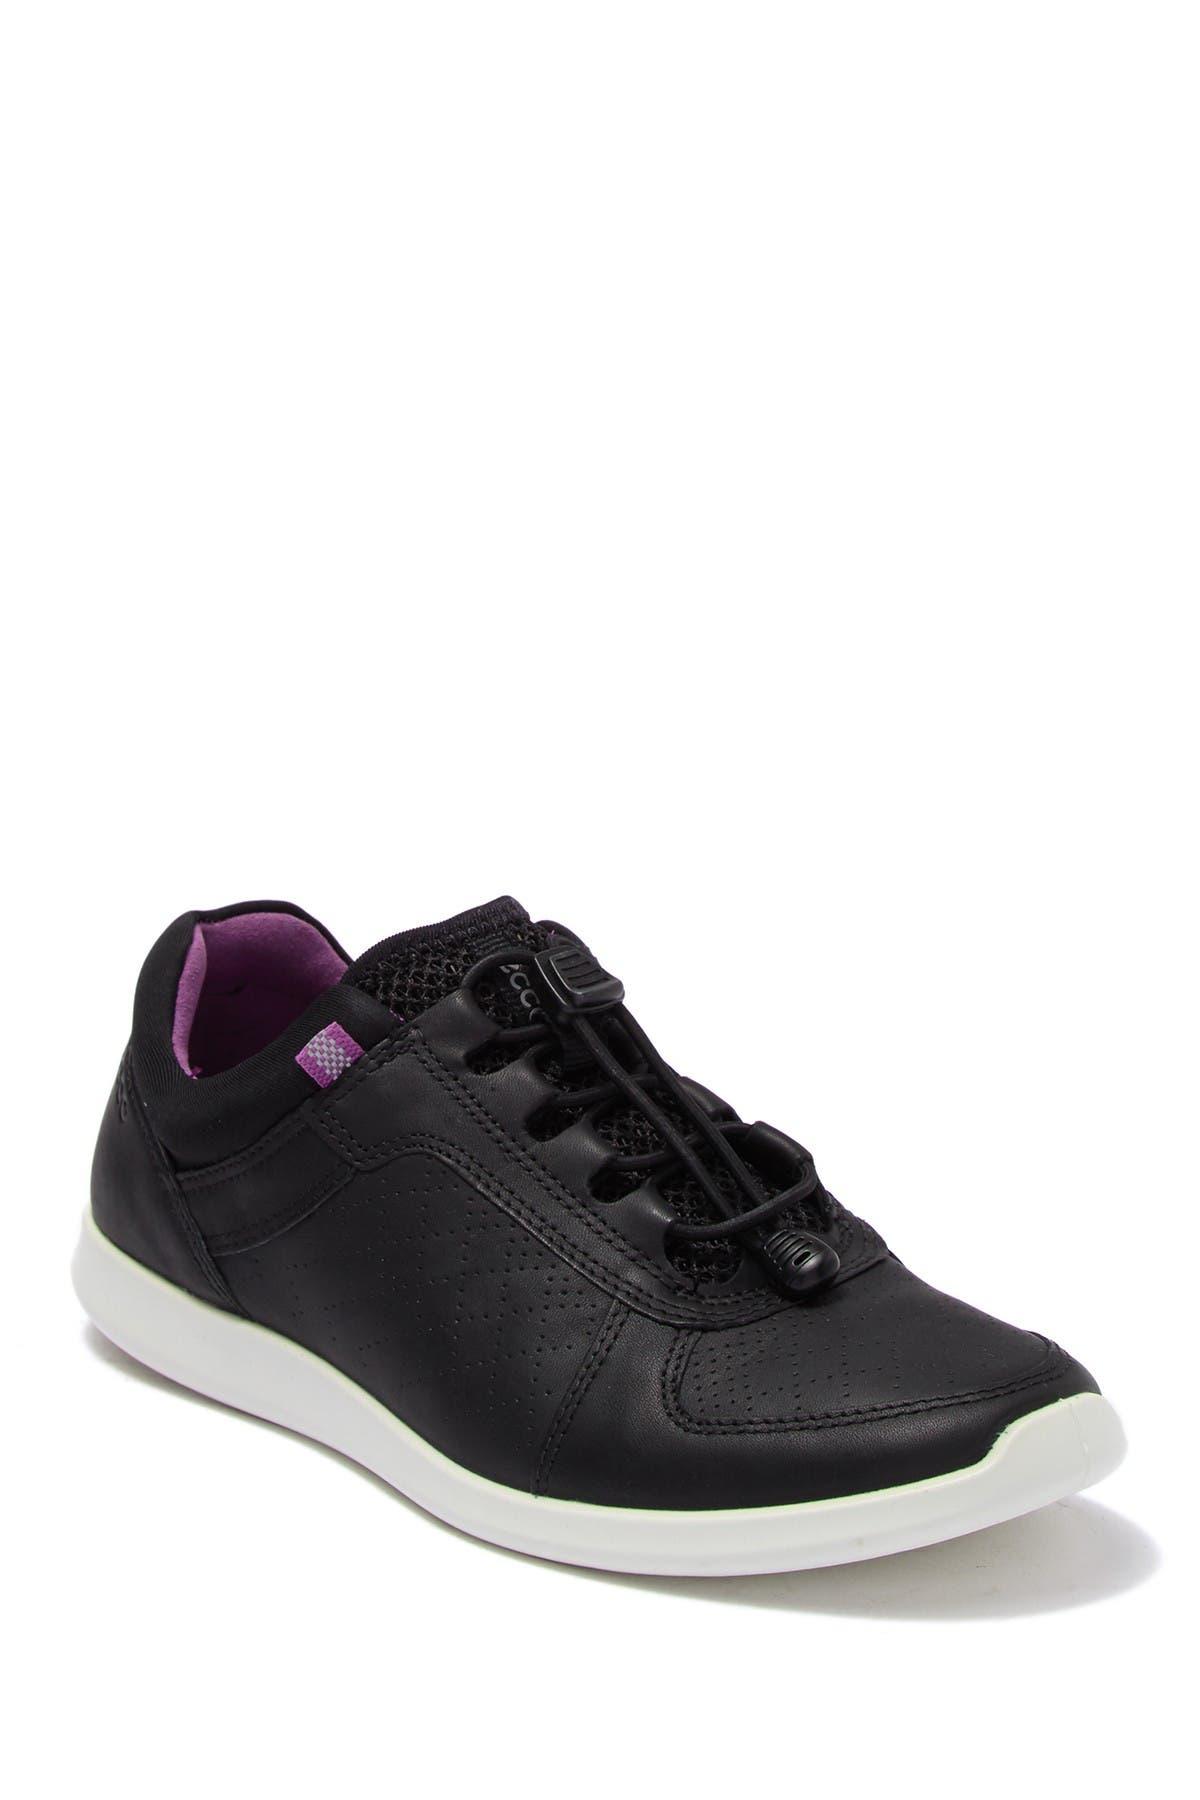 ECCO | Sense Leather Toggle Sneaker